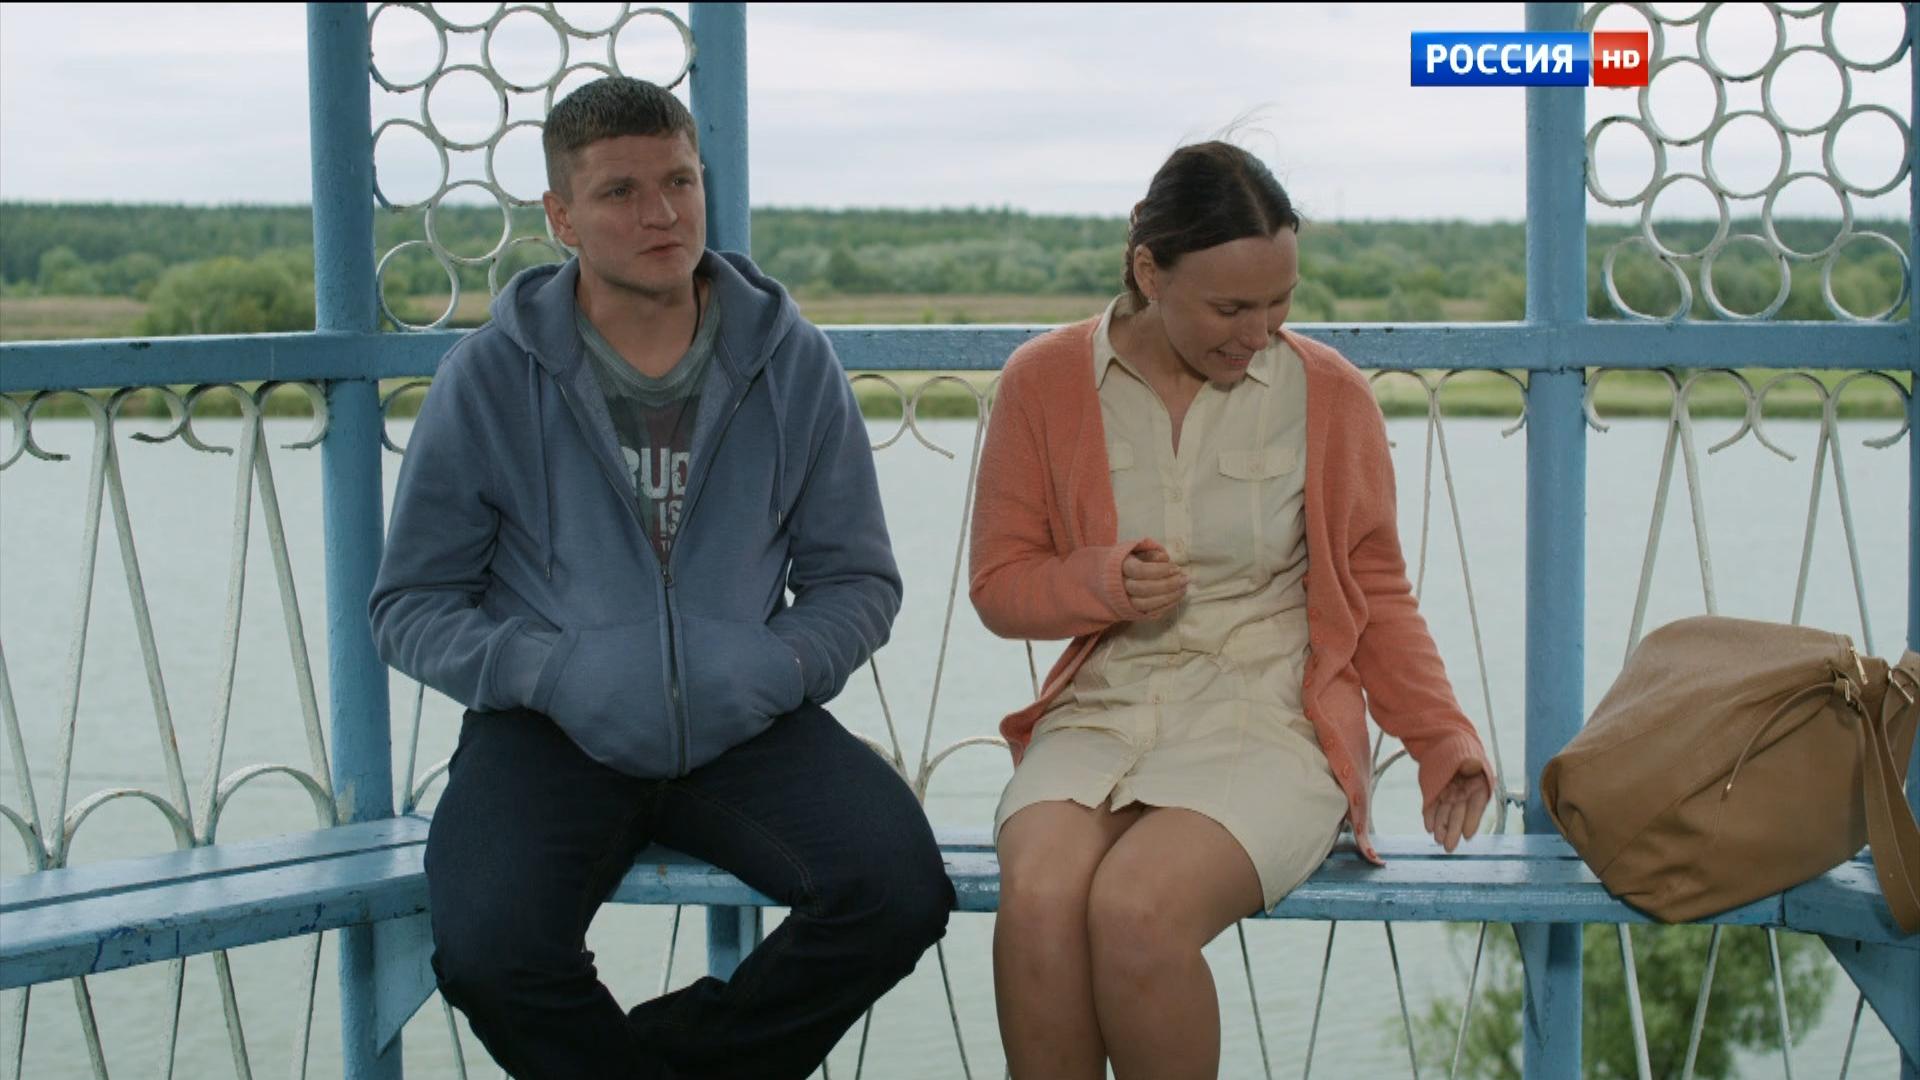 Некрасивая любовь 2015 HDTV 1080i.ts_snapshot_00.44.30_[2016.01.22_10.02.00].png